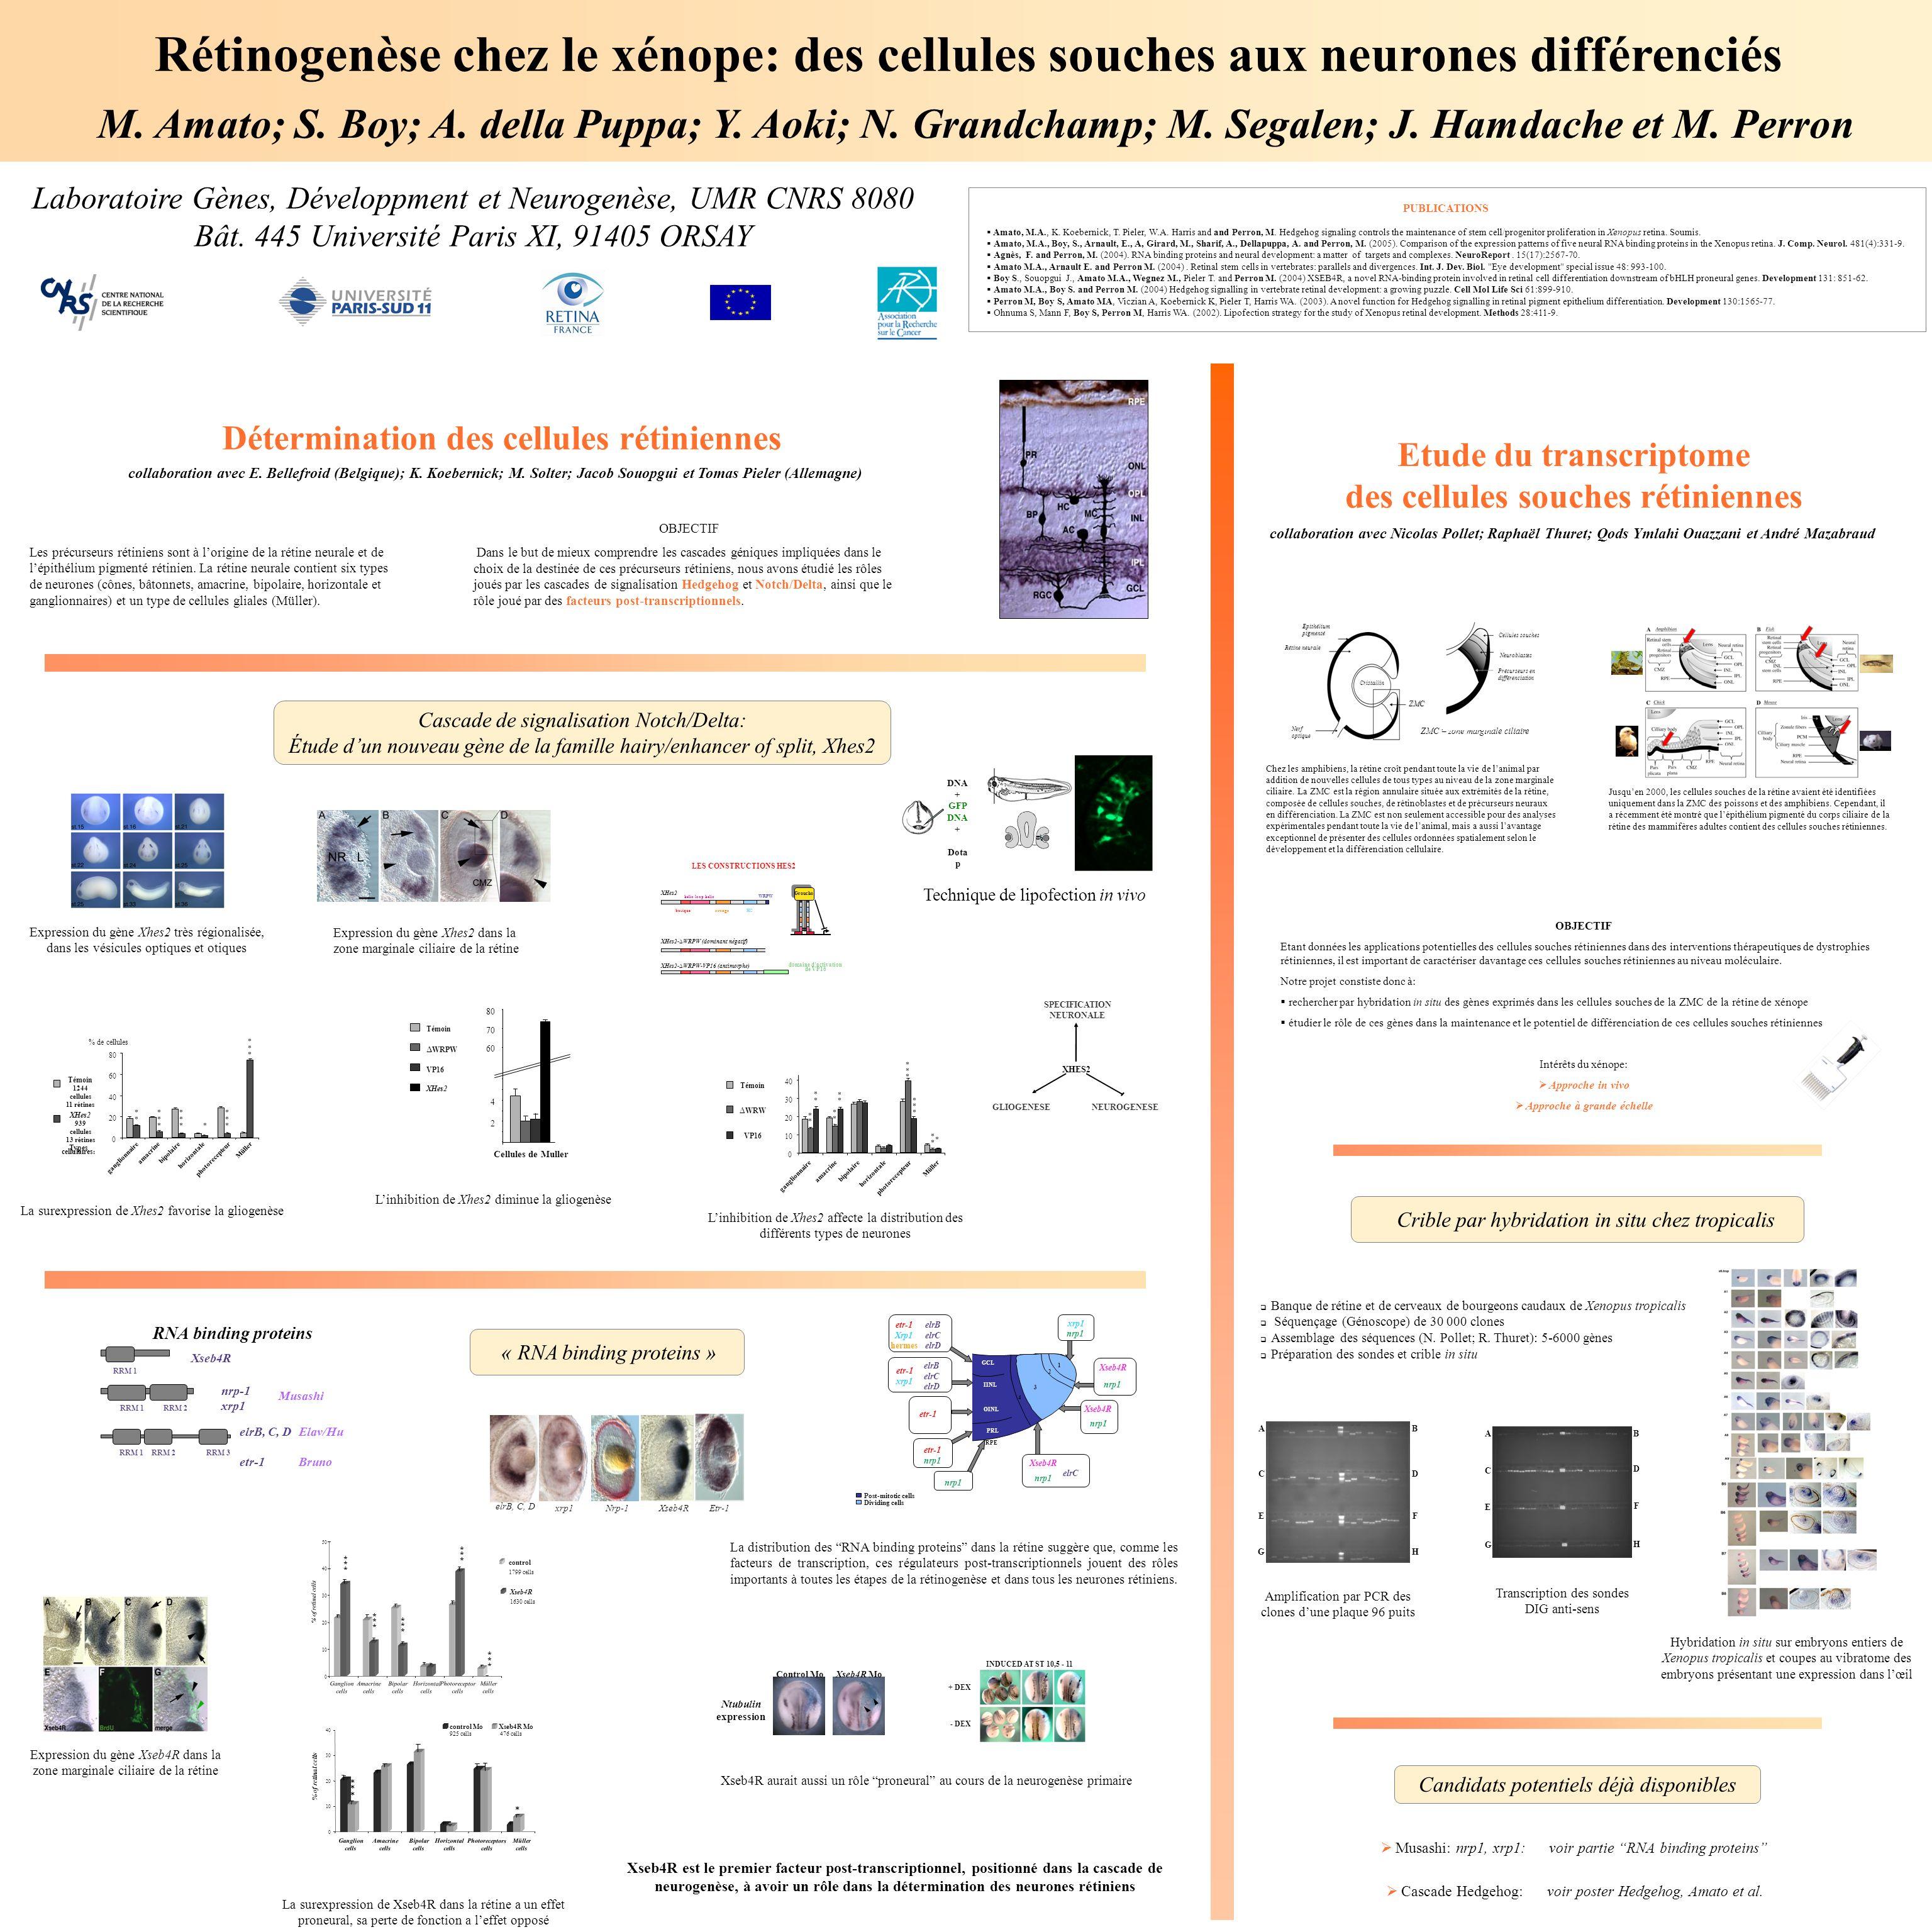 Cellules souches Neuroblastes Précurseurs en différenciation ZMC = zone marginale ciliaire ZMC Epithéliumpigmenté Rétine neurale Nerfoptique Cristalli